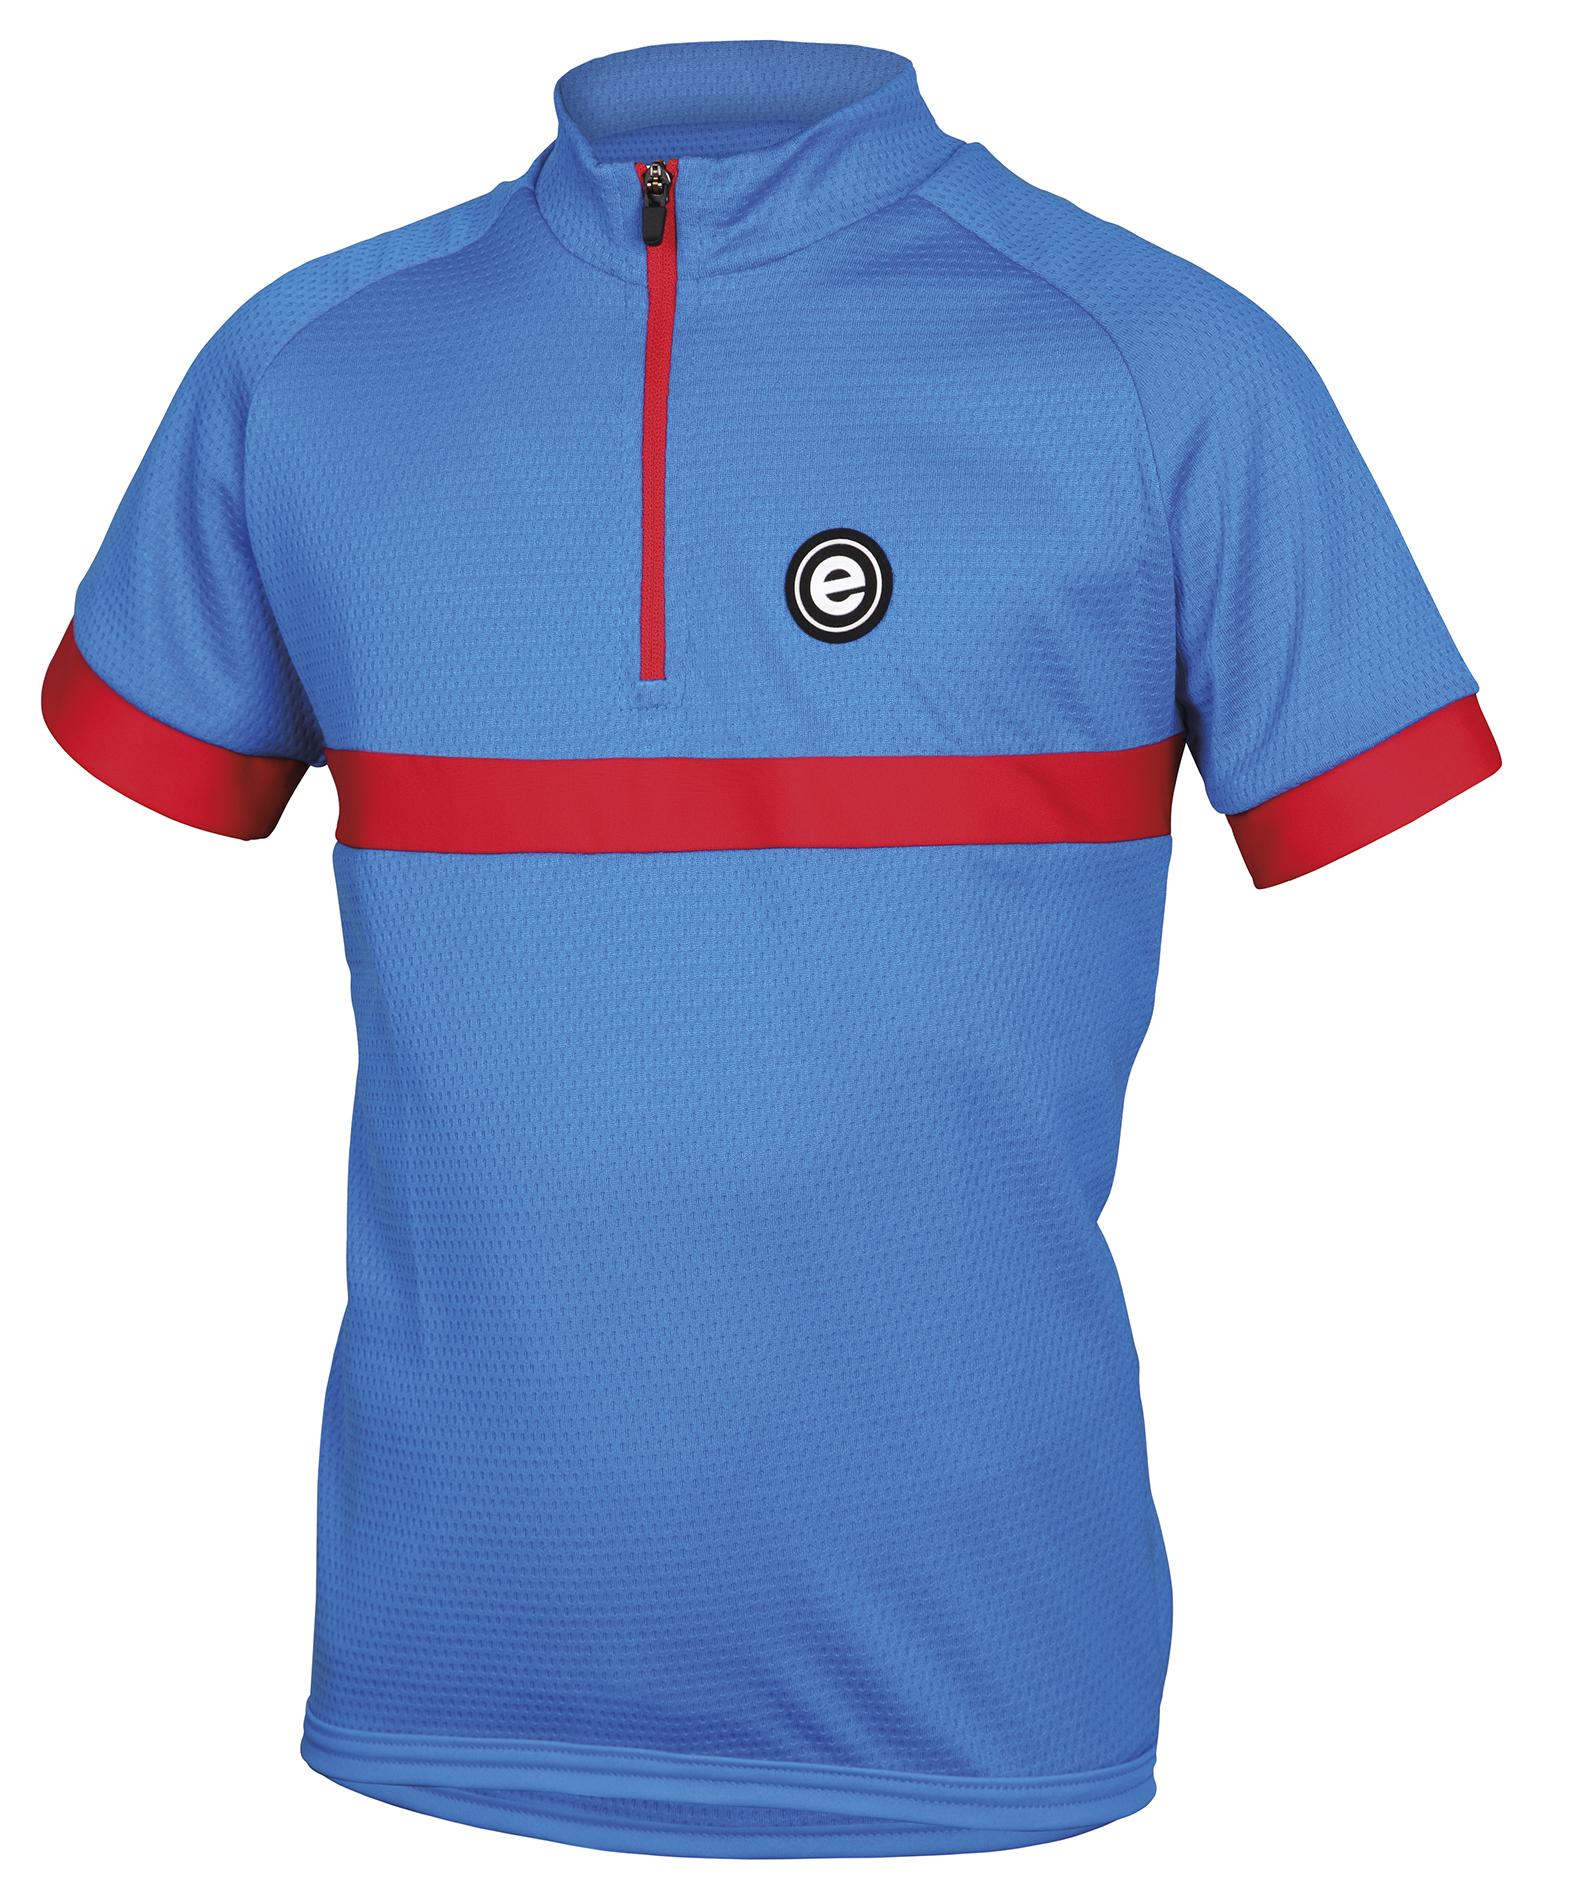 Dětský cyklistický dres ETAPE Bambino, 128/134, modrá/červená, model 2017 (Dětský dres Etape, přední zip)